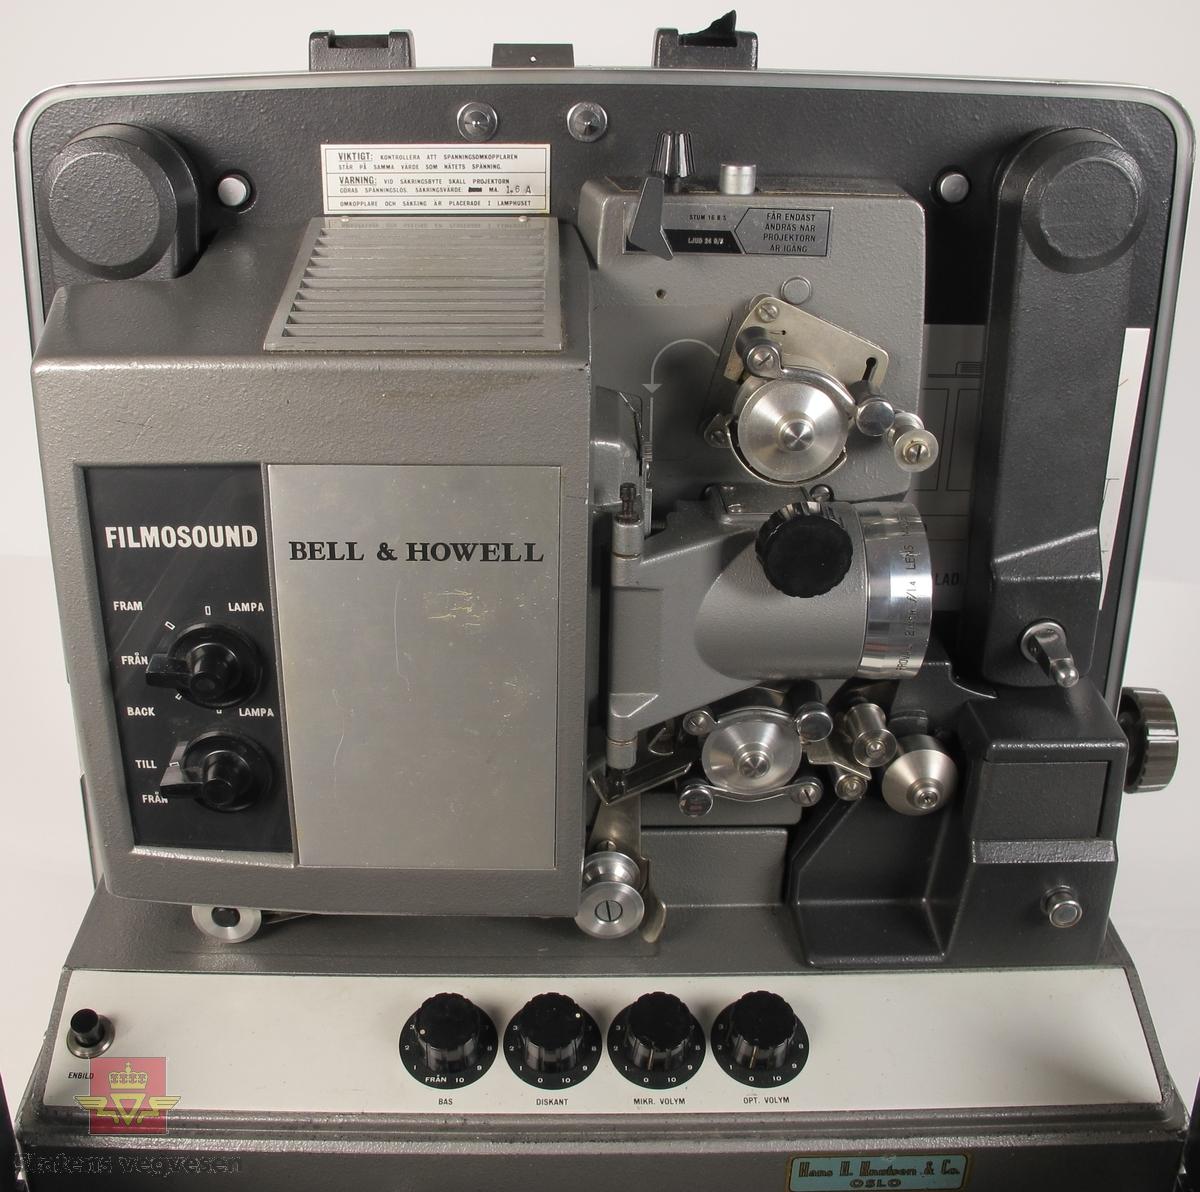 16 mm filmfremviser i mørk grå koffert av glassfiber, med defekt bærehåndtak. Den ene delen av kofferten har høyttaler av merket Goodmans, ledning for tilkobling av høyttaler og to klistremerker med påskrifter. Filmfreviseren har eget panel for justering av lyden. Bak på kofferten er det to skiltplater med innskrifter, MODEL 642 SK SERIAL No. K418 220V-1100 W - 50 ~ MADE IN ENGLAND og HANS H. KNUTSEN & CO. OSLO TYPE 642 No 418 P.VOLT 200/250 50 ~ S.VOLT AMP. 1200W. Veske, strømledning, ekstra lyspære og to tomme filmruller følger med filmfremviseren.